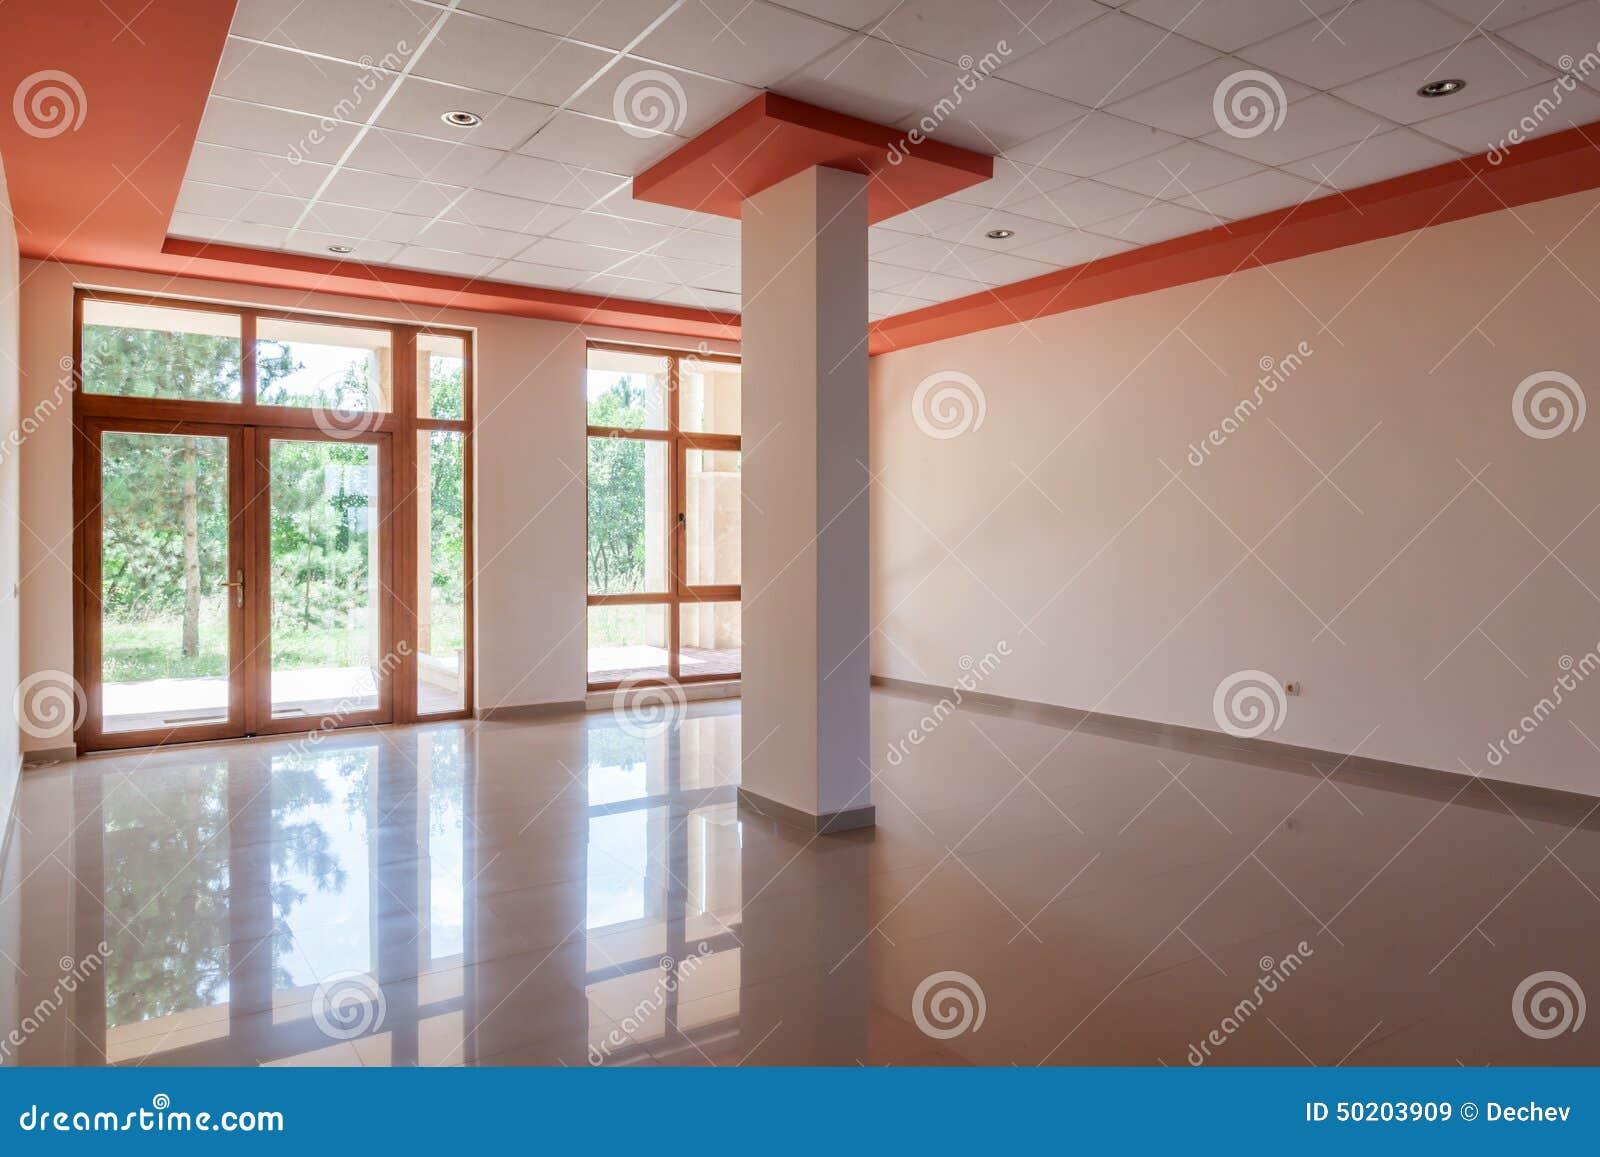 Κενό δωμάτιο, γραφείο, εσωτερικό αίθουσα υποδοχής στο σύγχρονο κτήριο